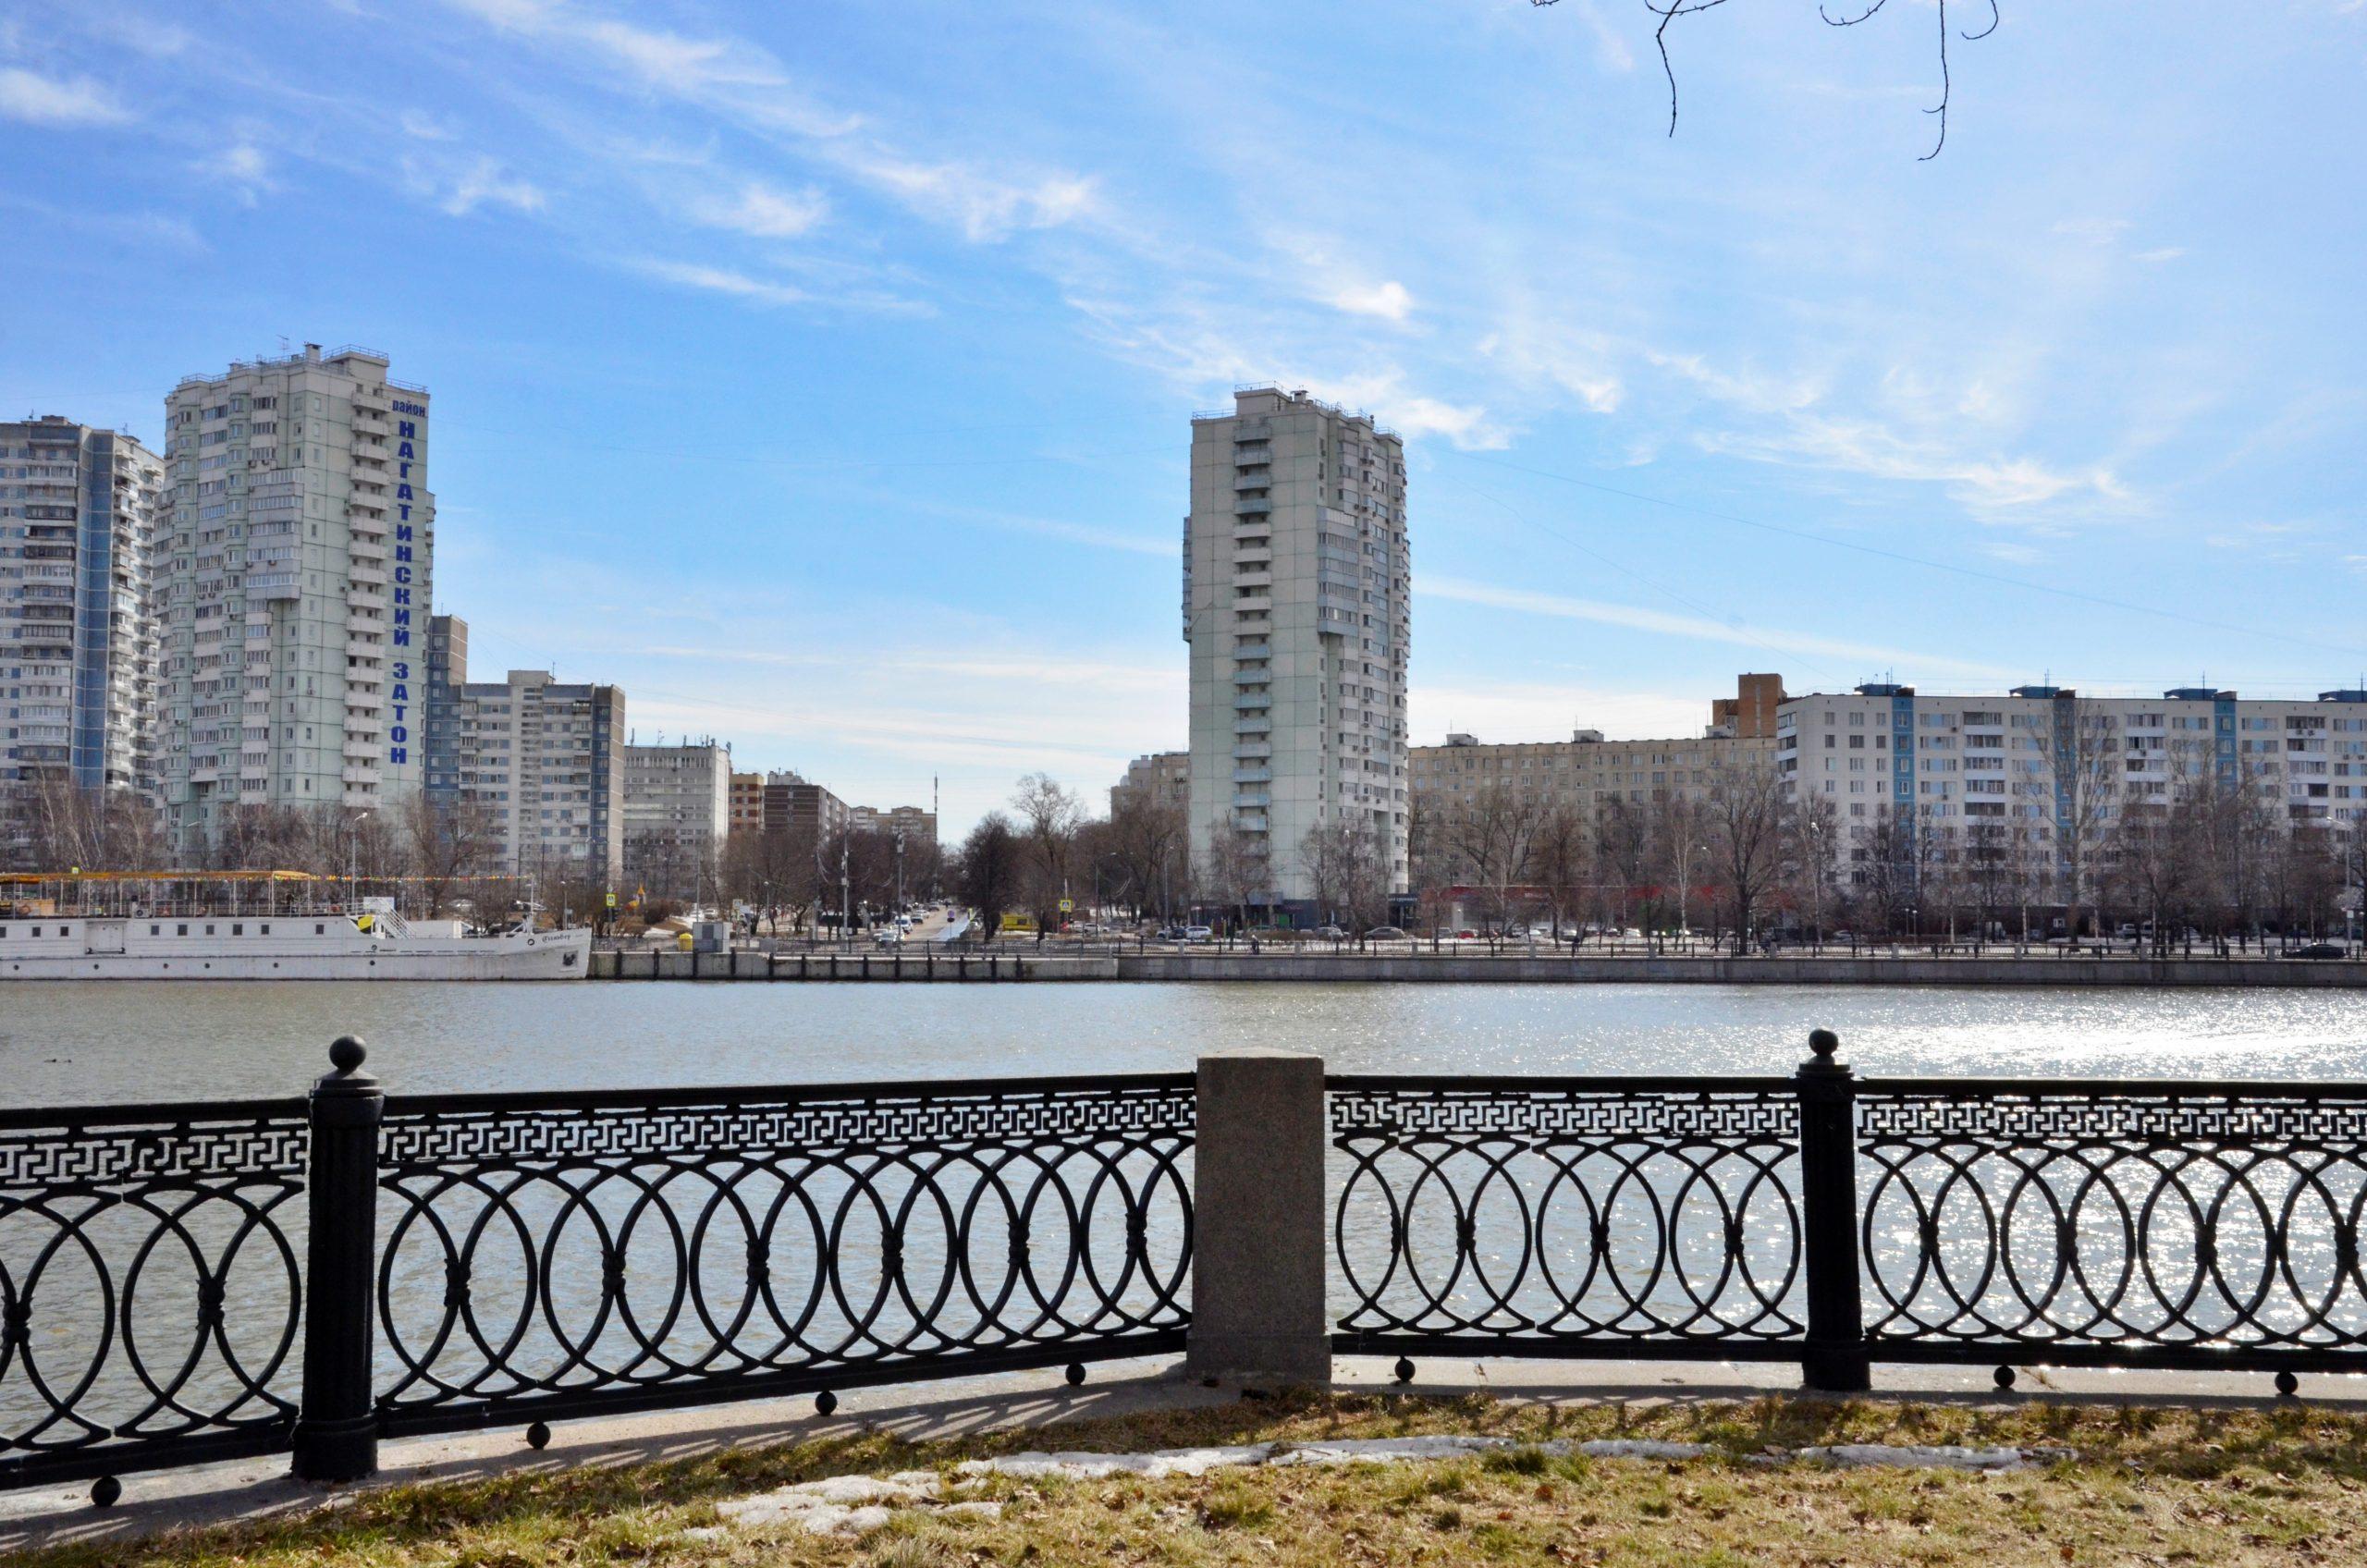 Переменная облачность и до 17 градусов тепла ожидают 11 апреля в Москве и области. Фото: Анна Быкова